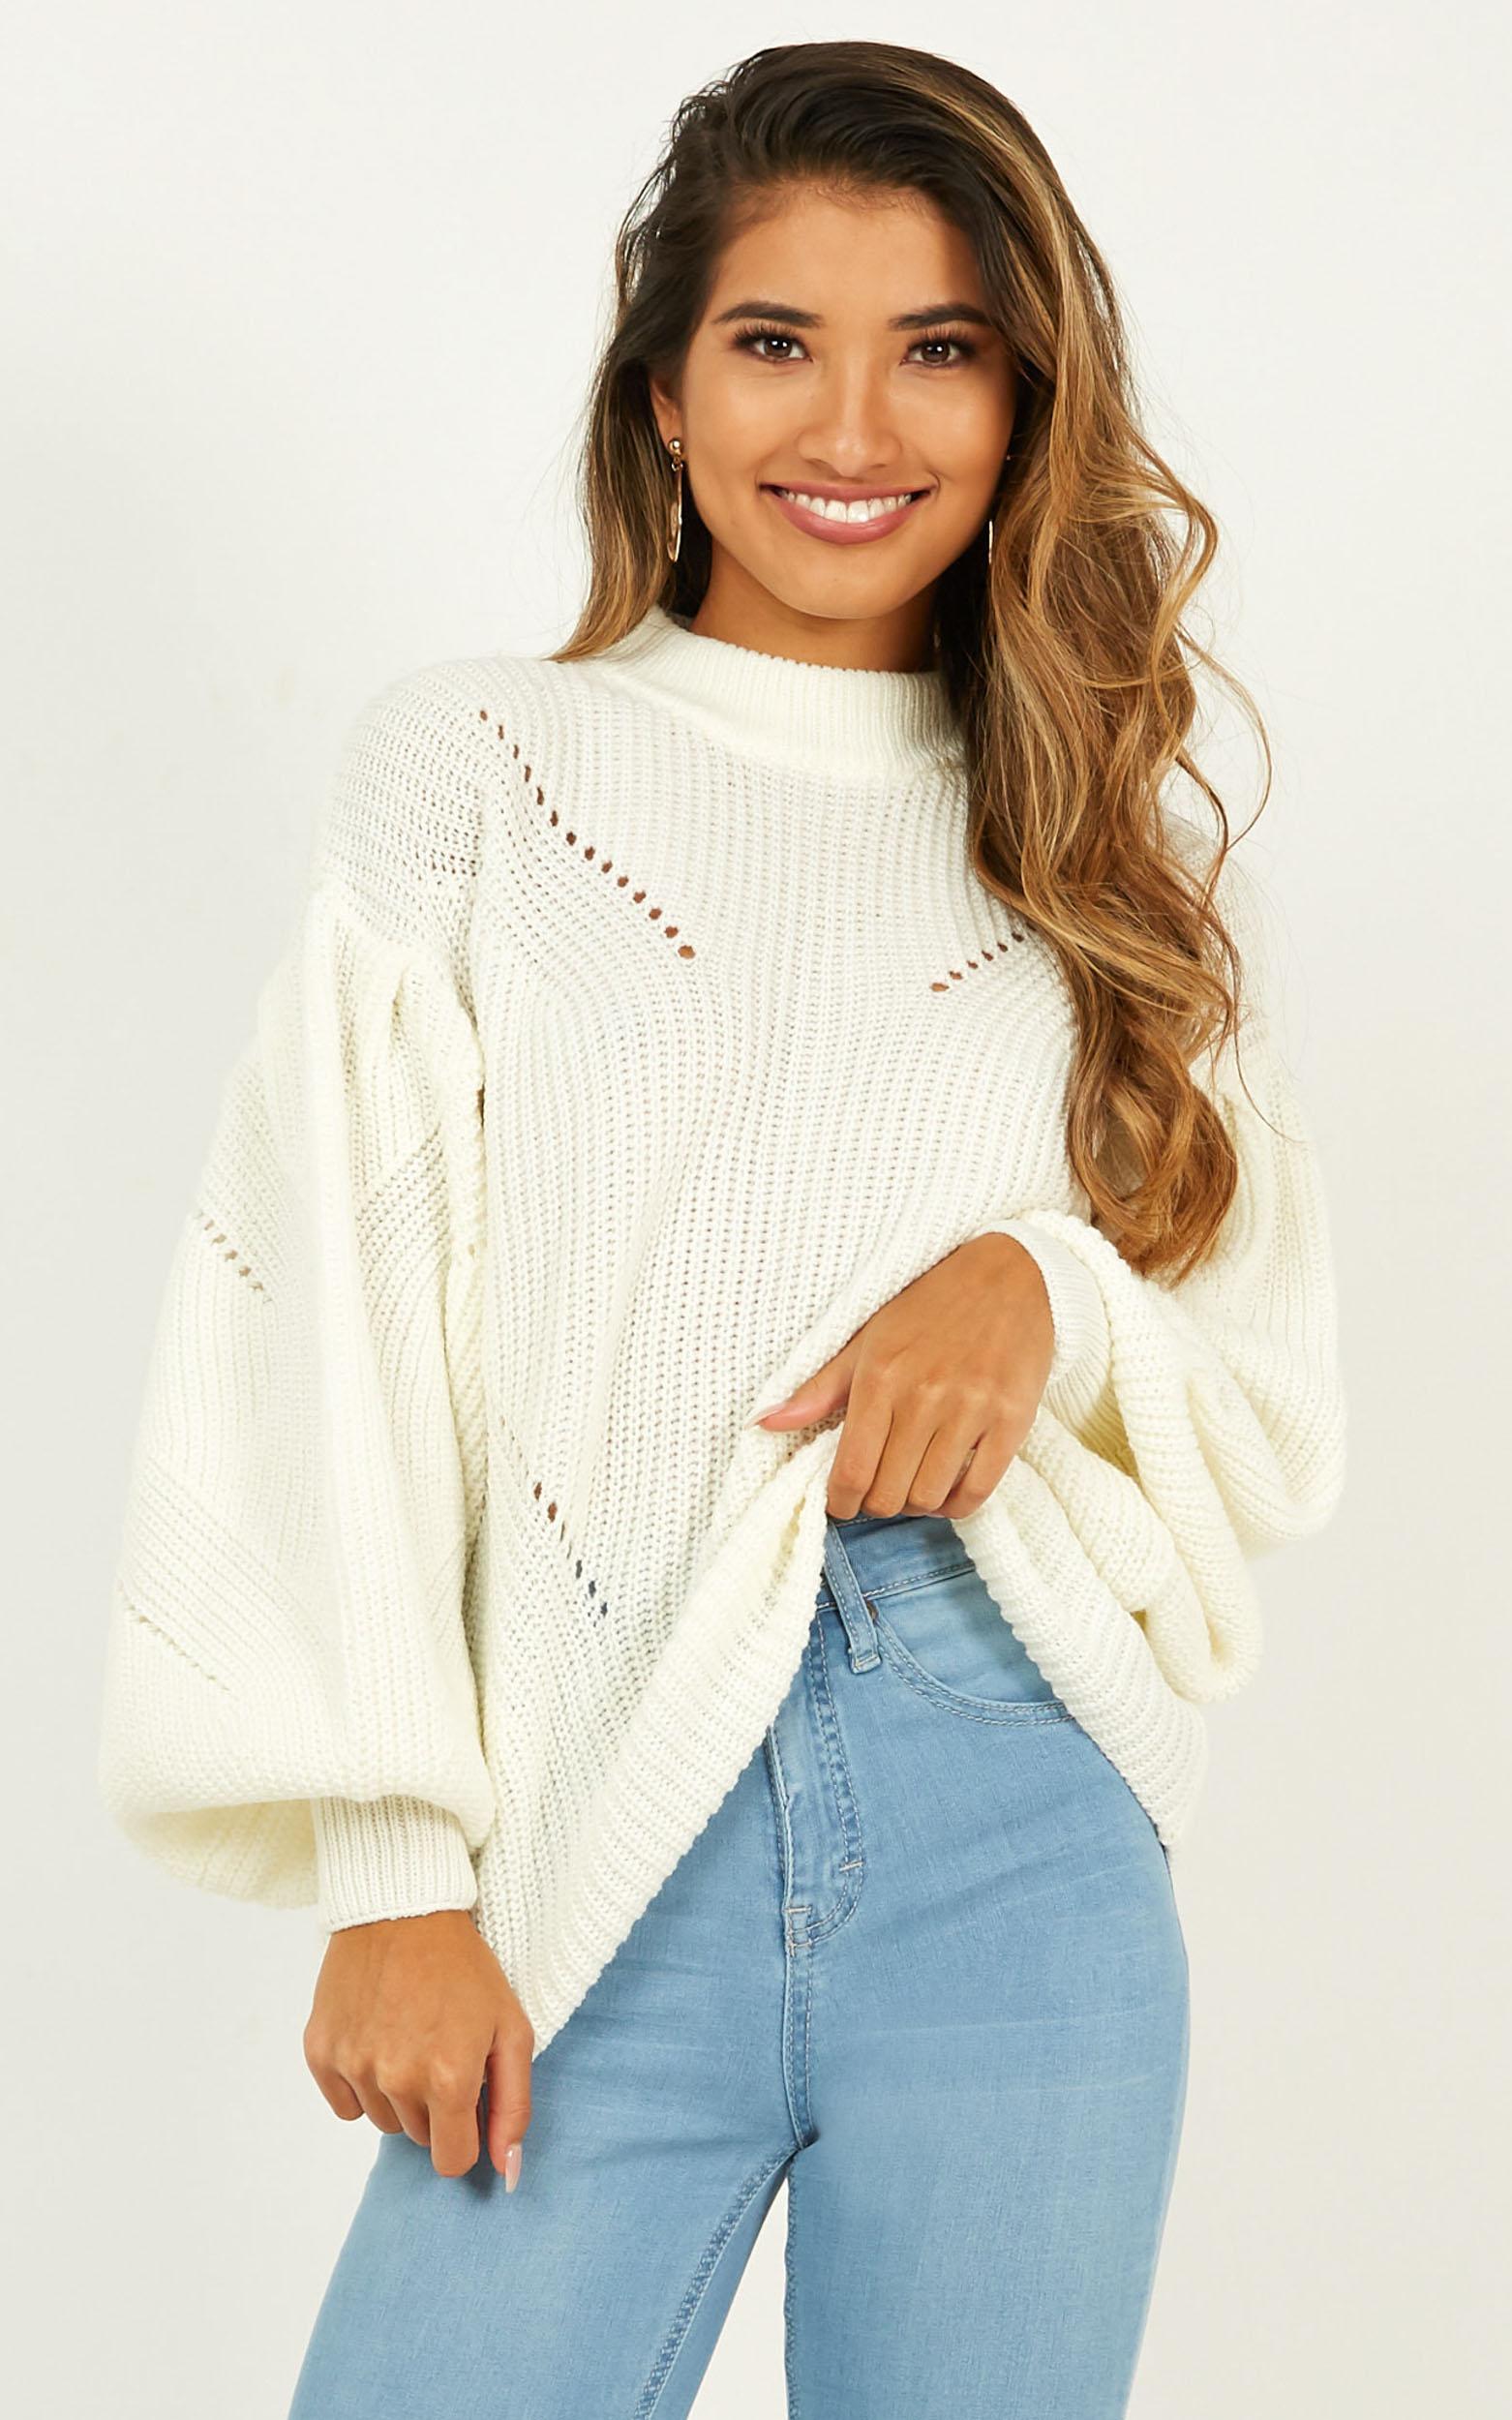 True friends Knit Top In cream - 12 (L), Cream, hi-res image number null